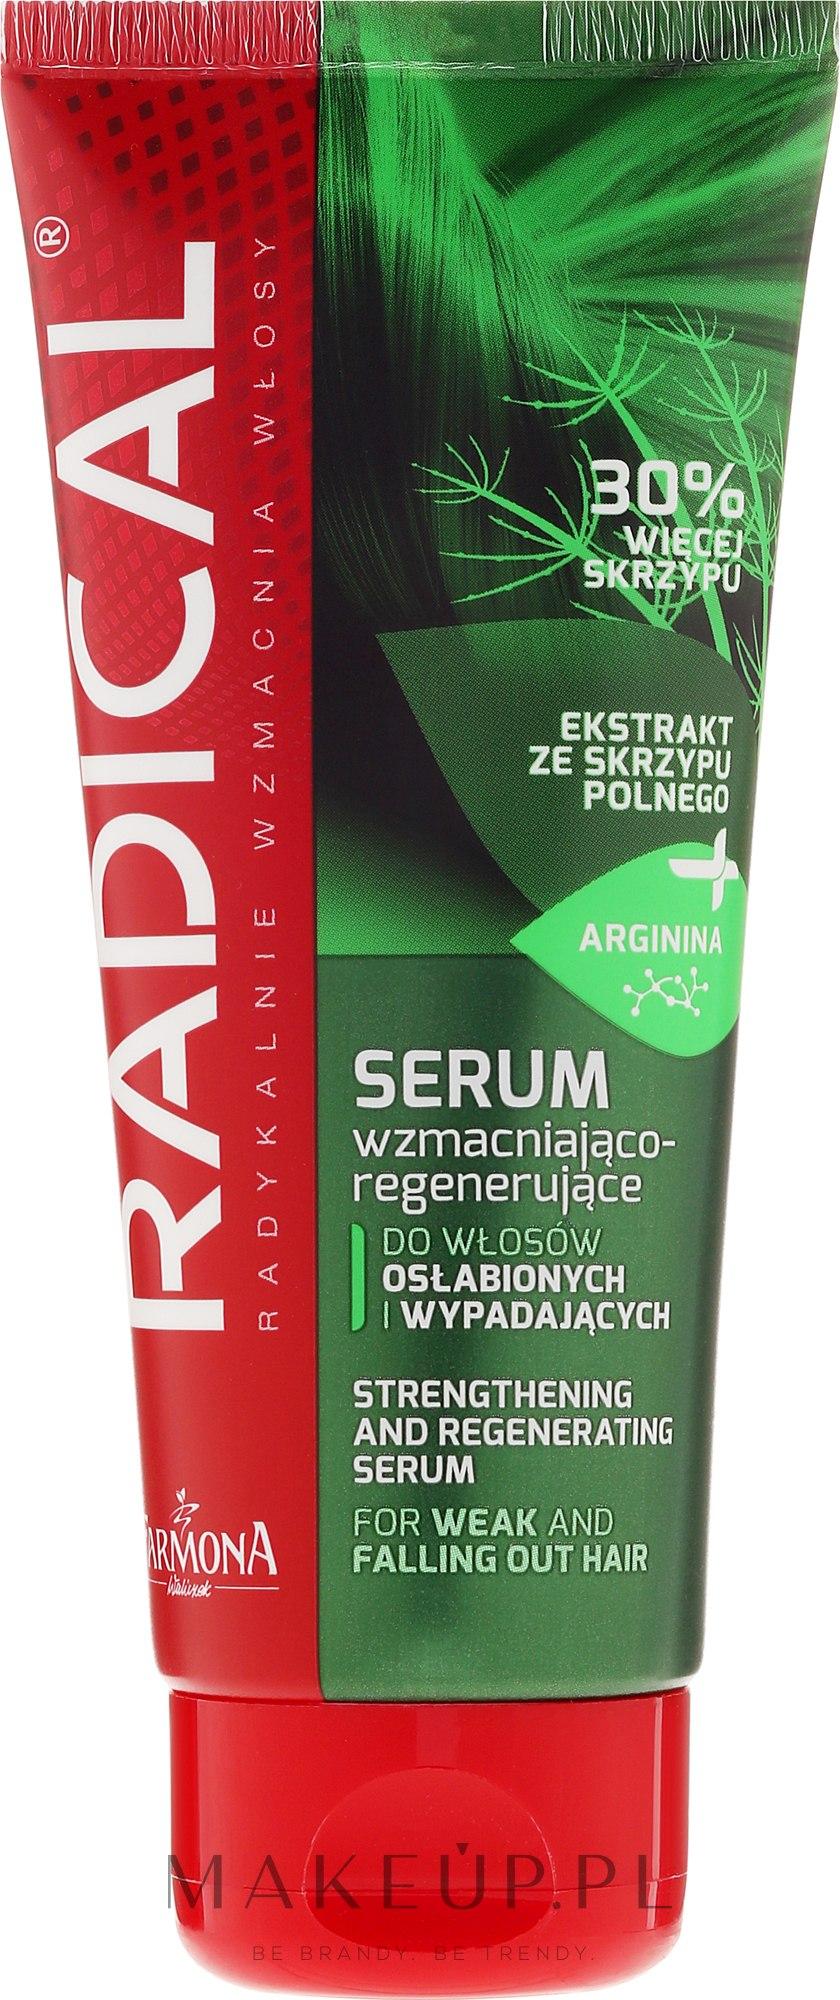 Serum wzmacniająco-regenerujące do włosów osłabionych i wypadających - Farmona Radical — фото 100 ml